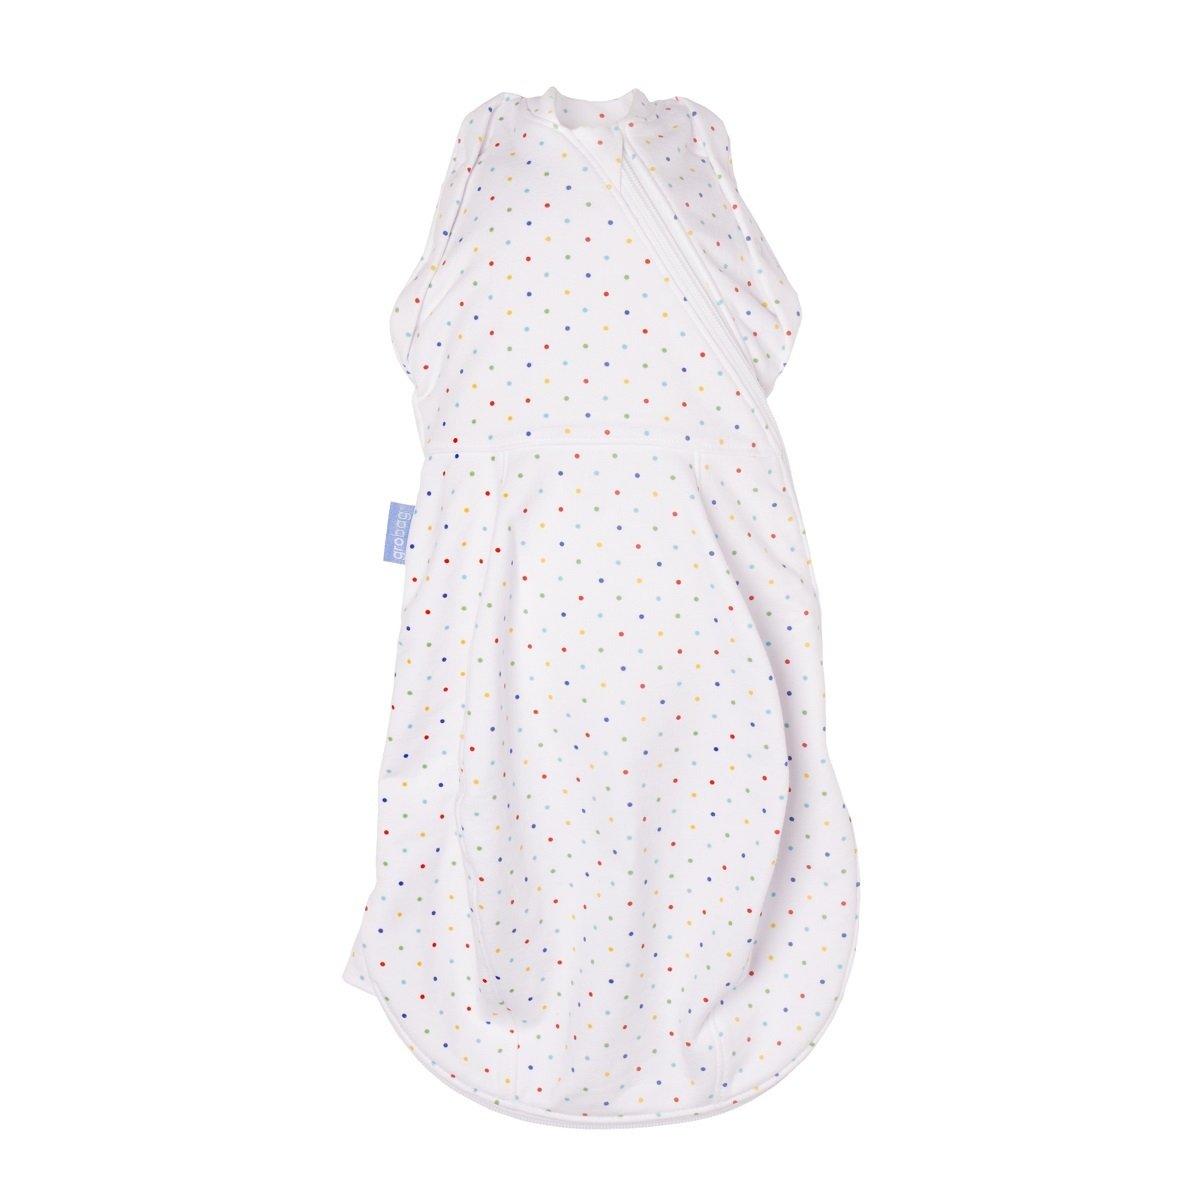 包裹睡袋 - 輕盈版 - 彩虹圓點